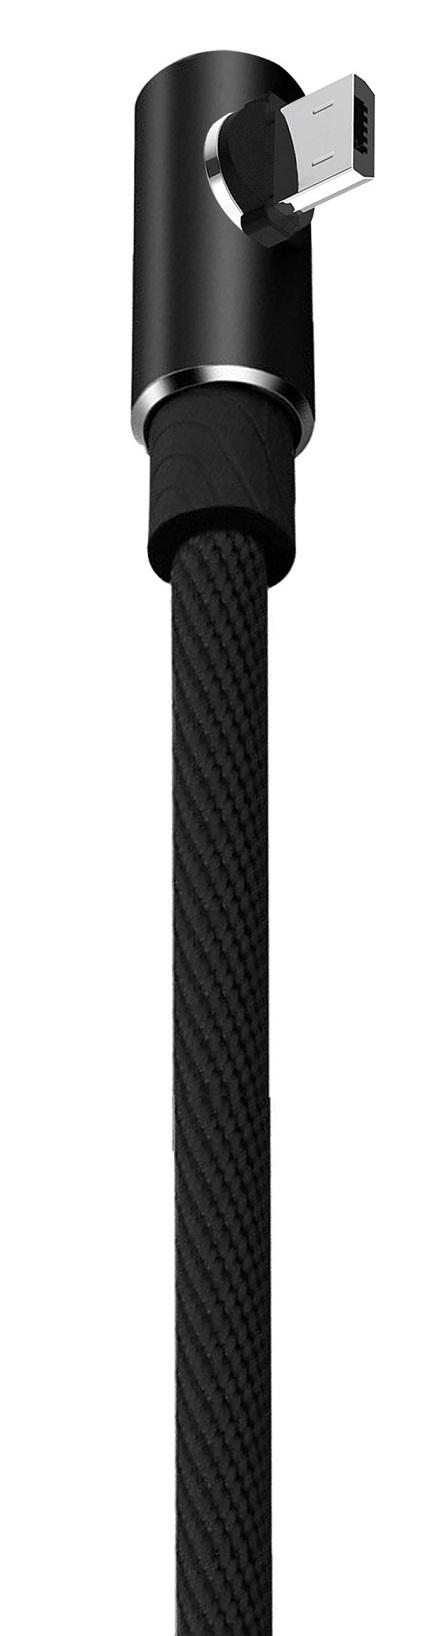 Игровой кабель - Micro USB, 1 метр, 1 штука фото